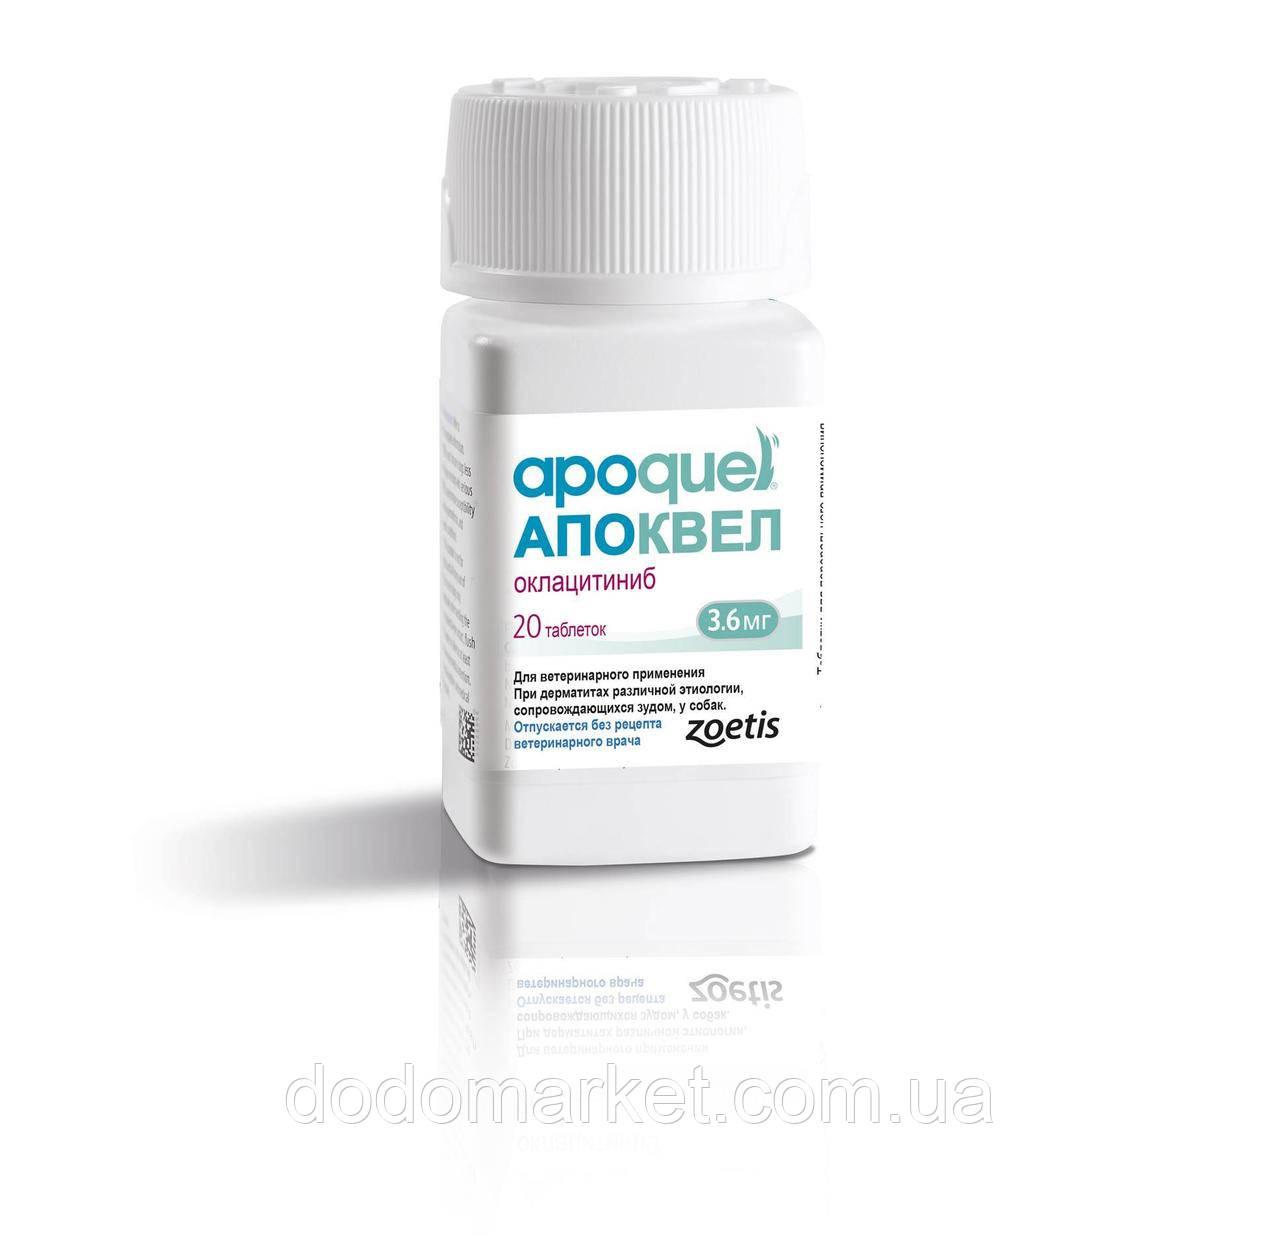 Апоквель Apoquel 3,6 мг 20 таблеток